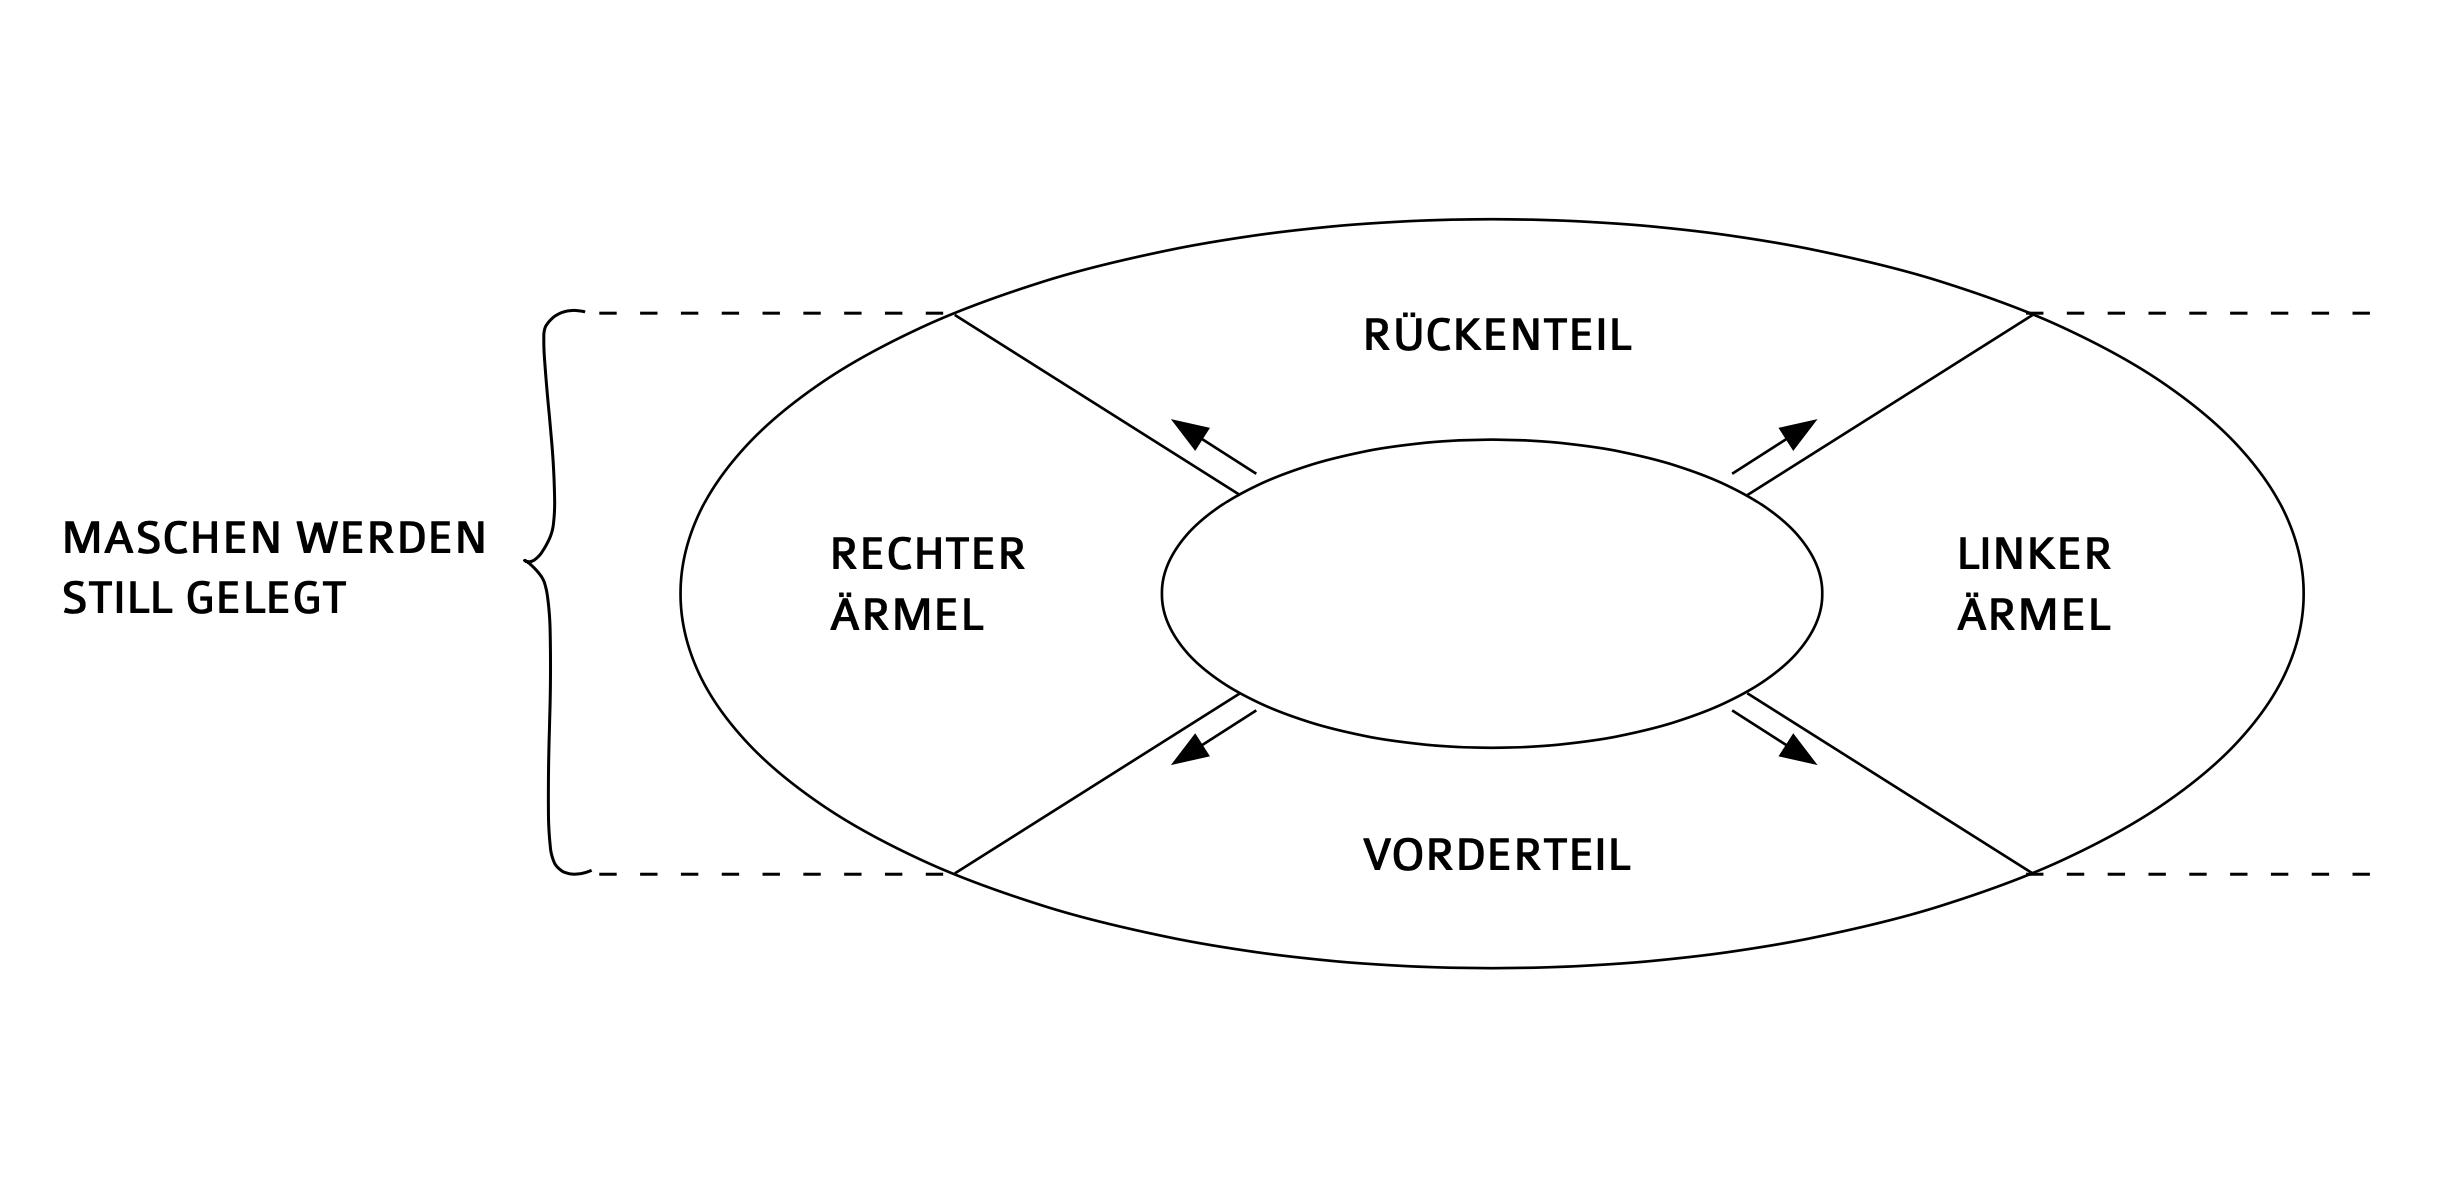 Die Raglan-Methode Top-Down gestrickt